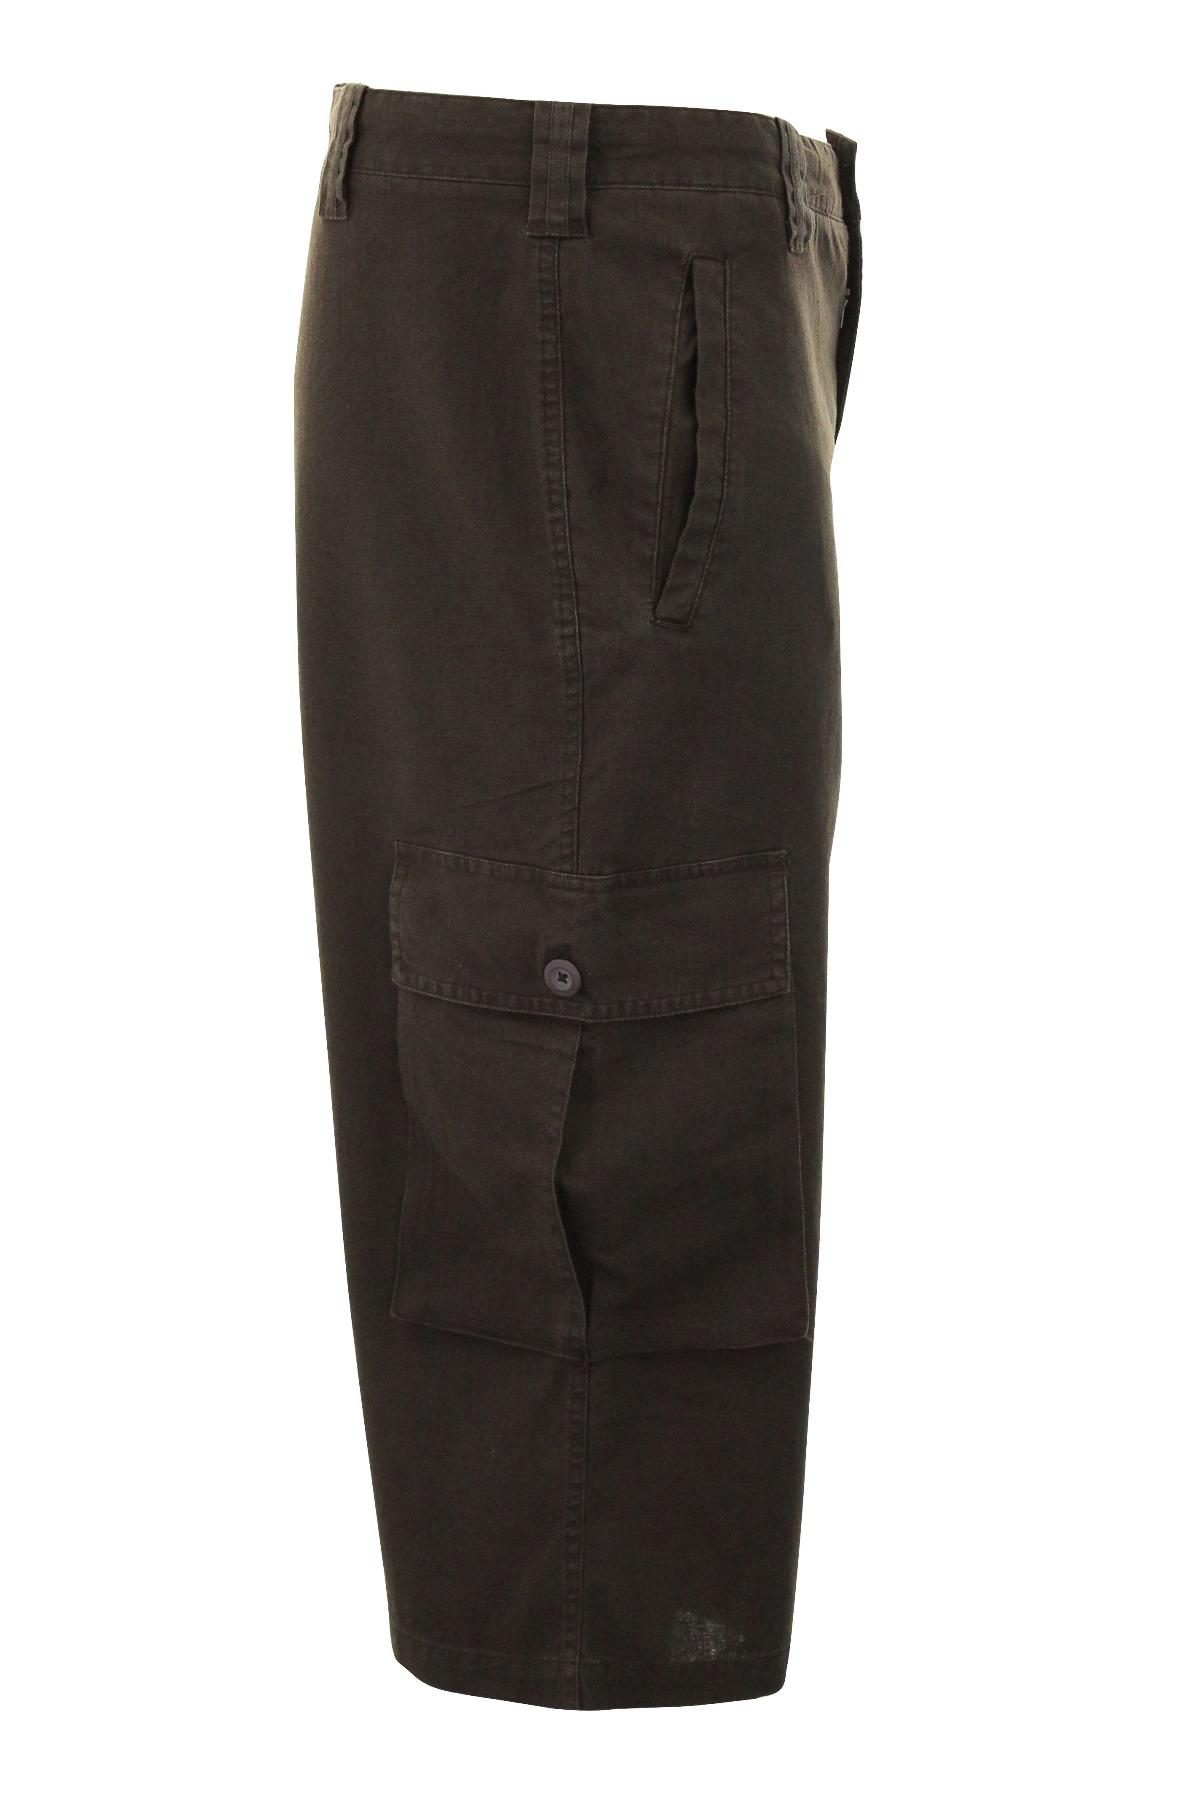 Mens 3/4 Cargo Shorts Ben Smith Linen Rich Combats | eBay